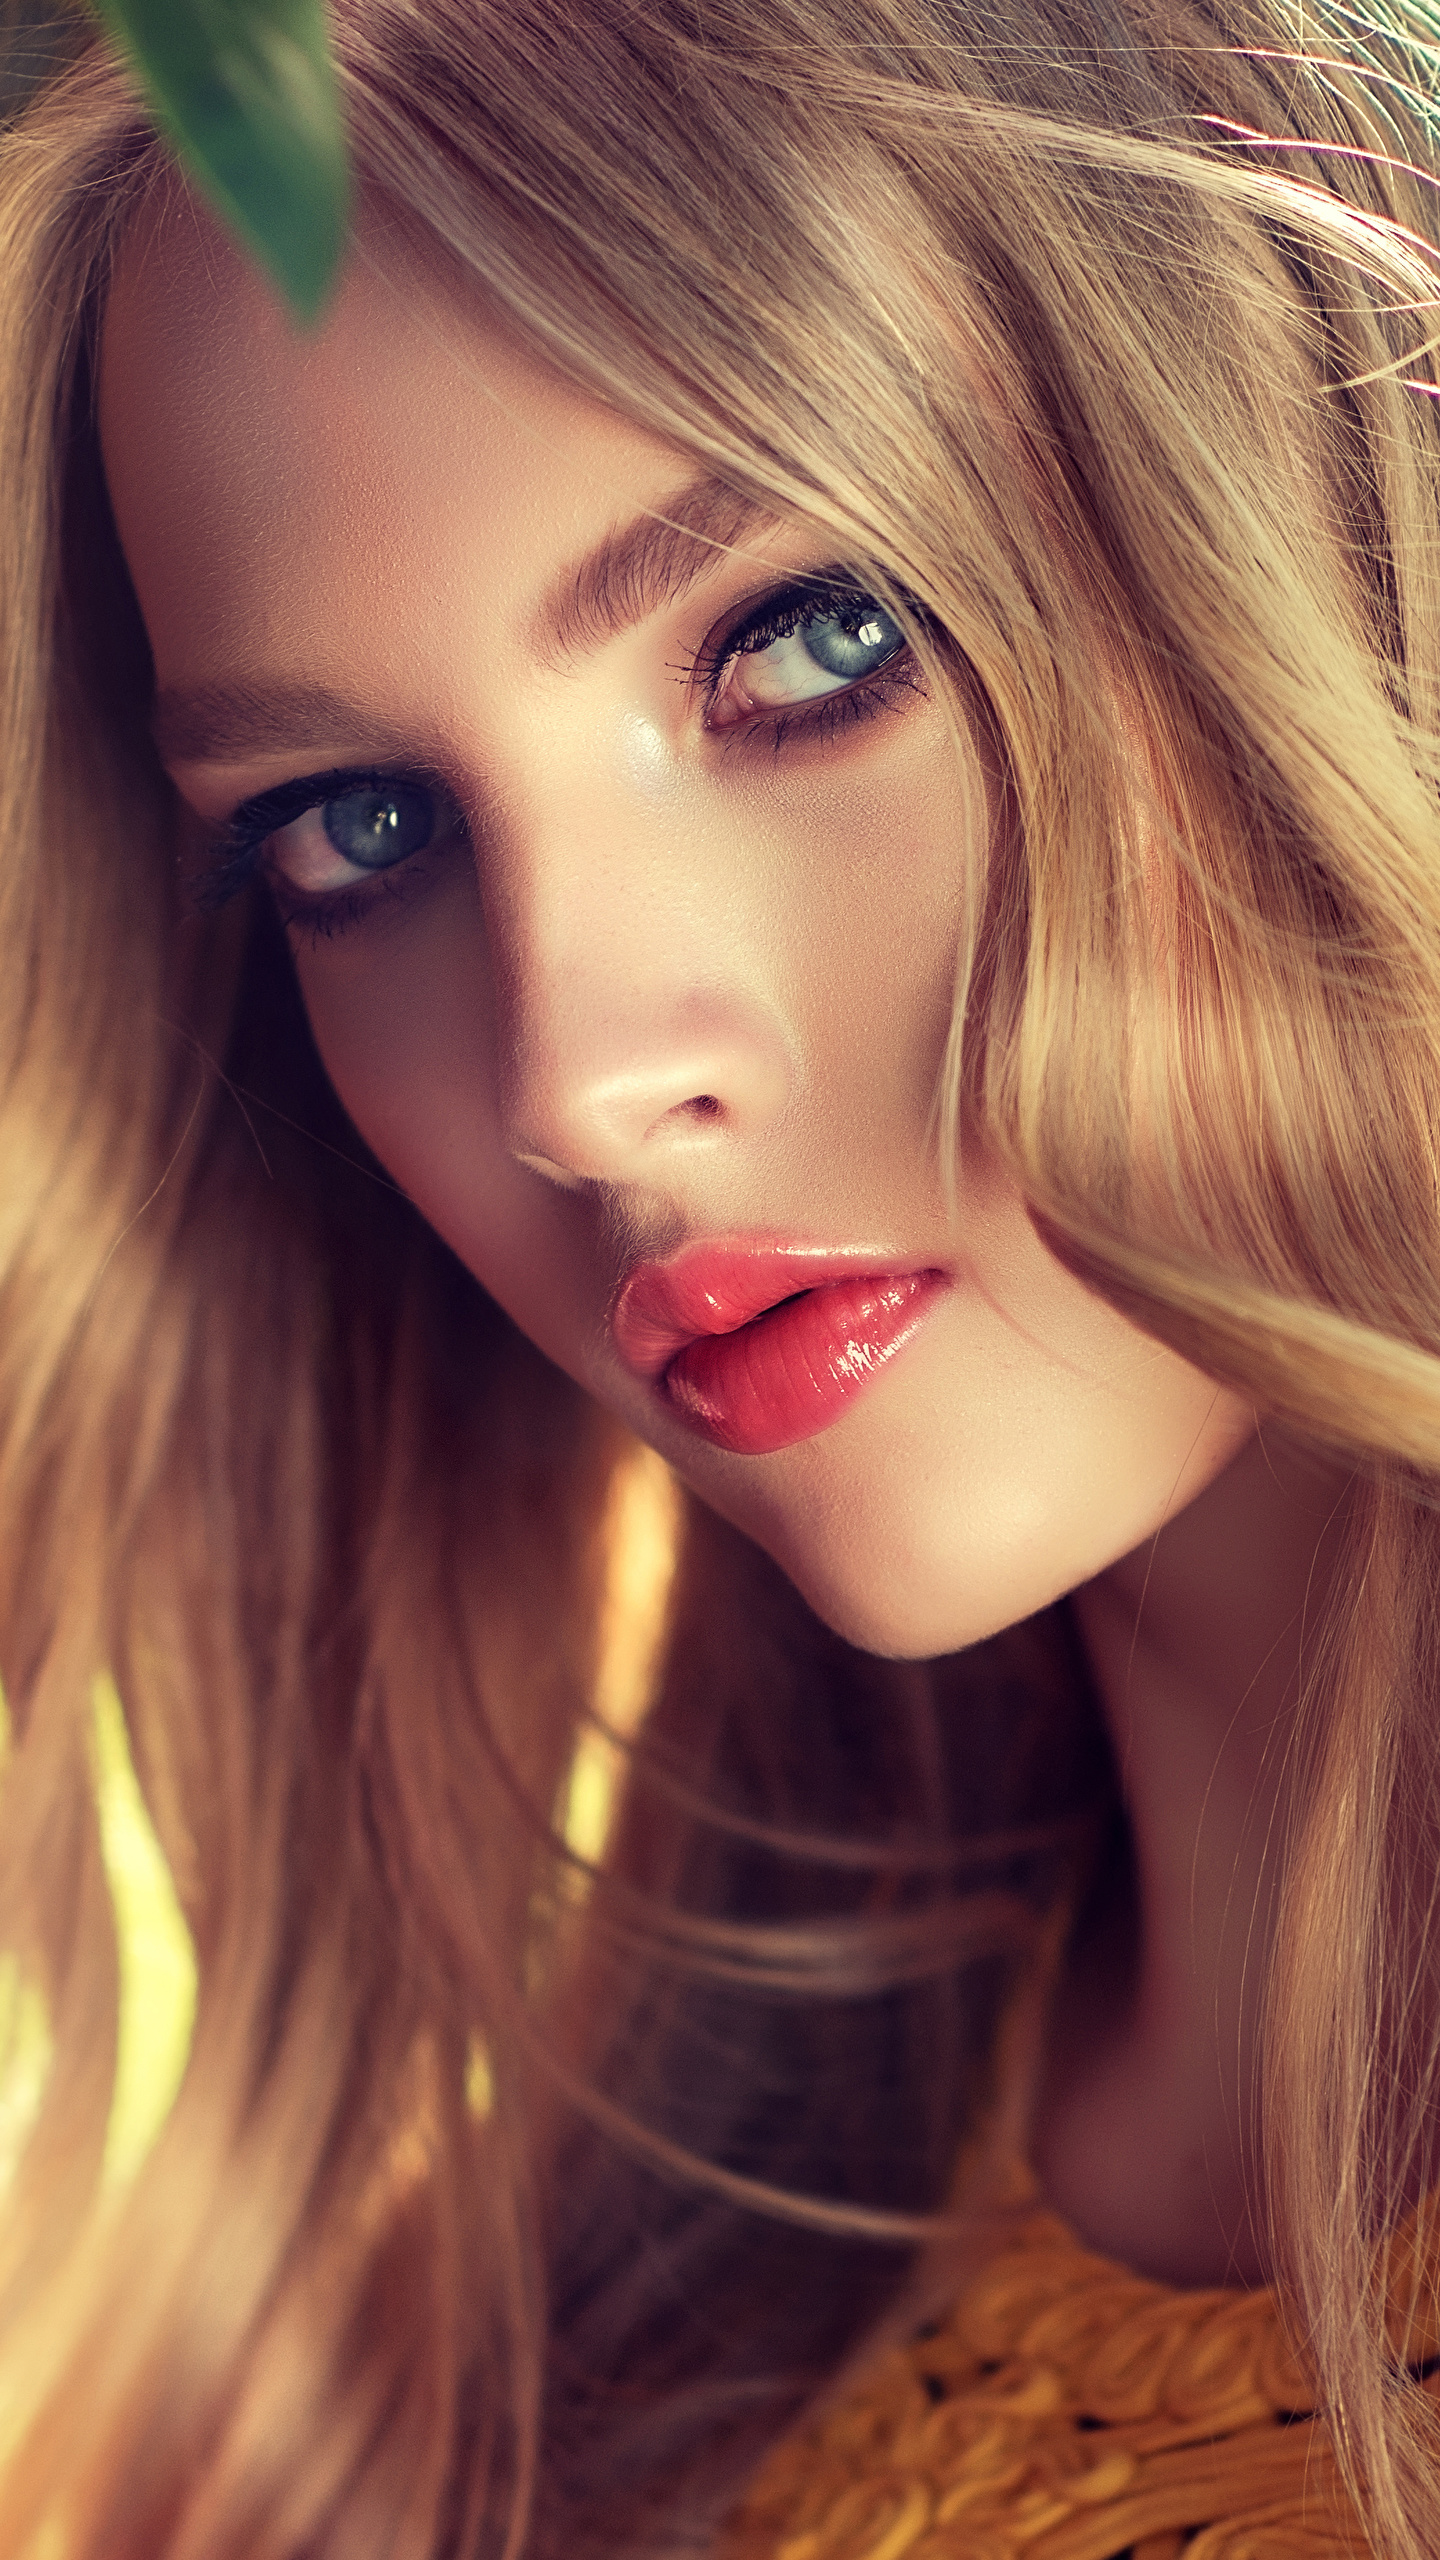 Фото Русые Блондинка Красивые Лицо Девушки смотрит 1440x2560 Взгляд